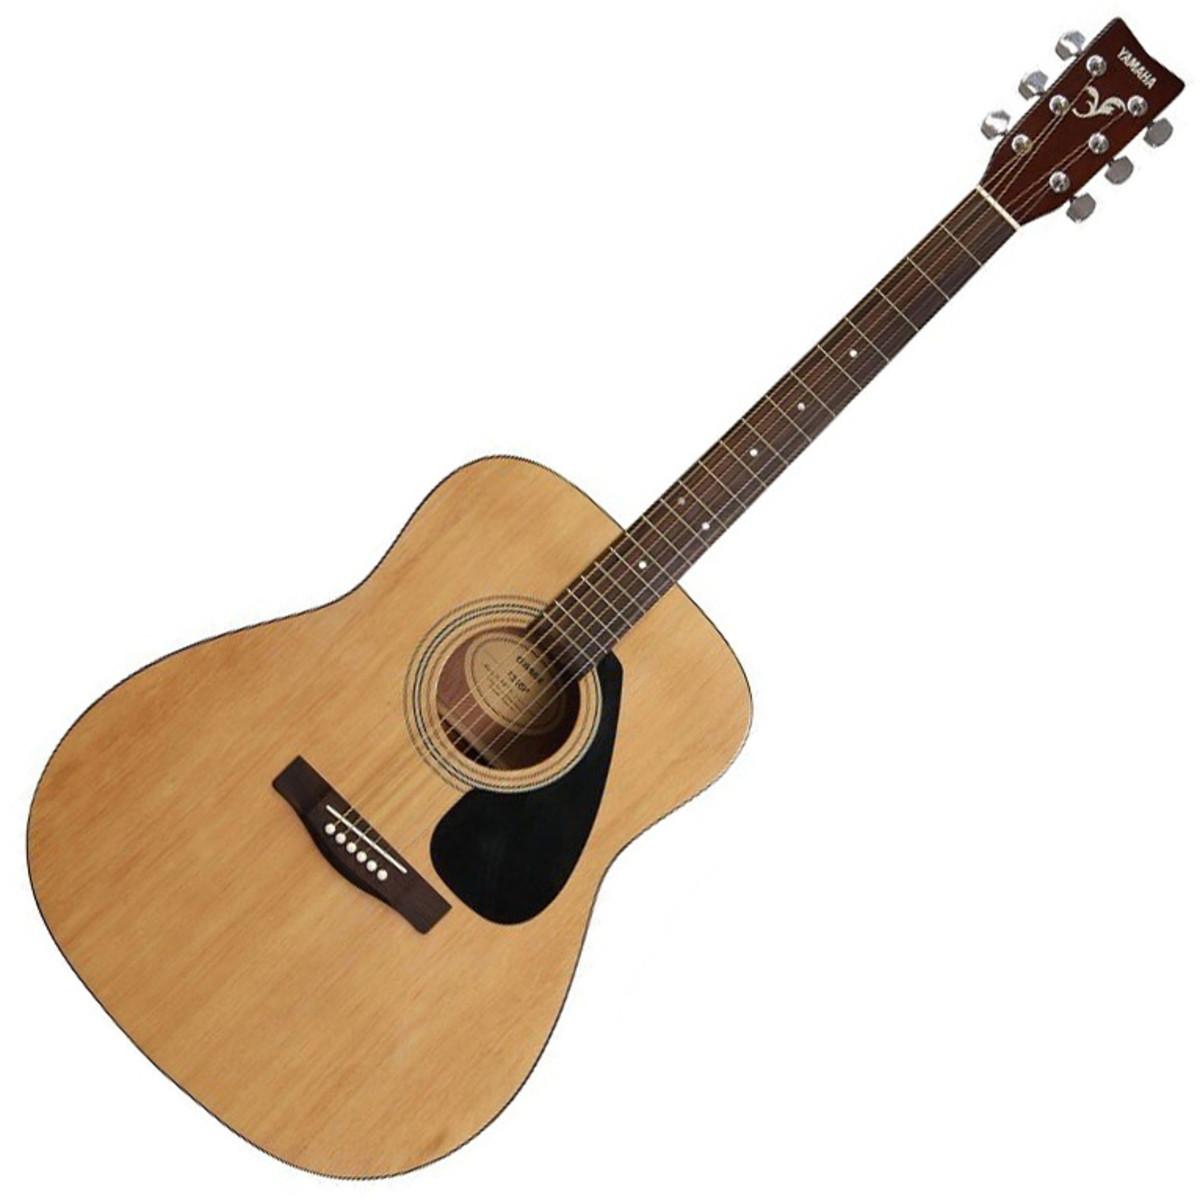 Yamaha Guitar Action